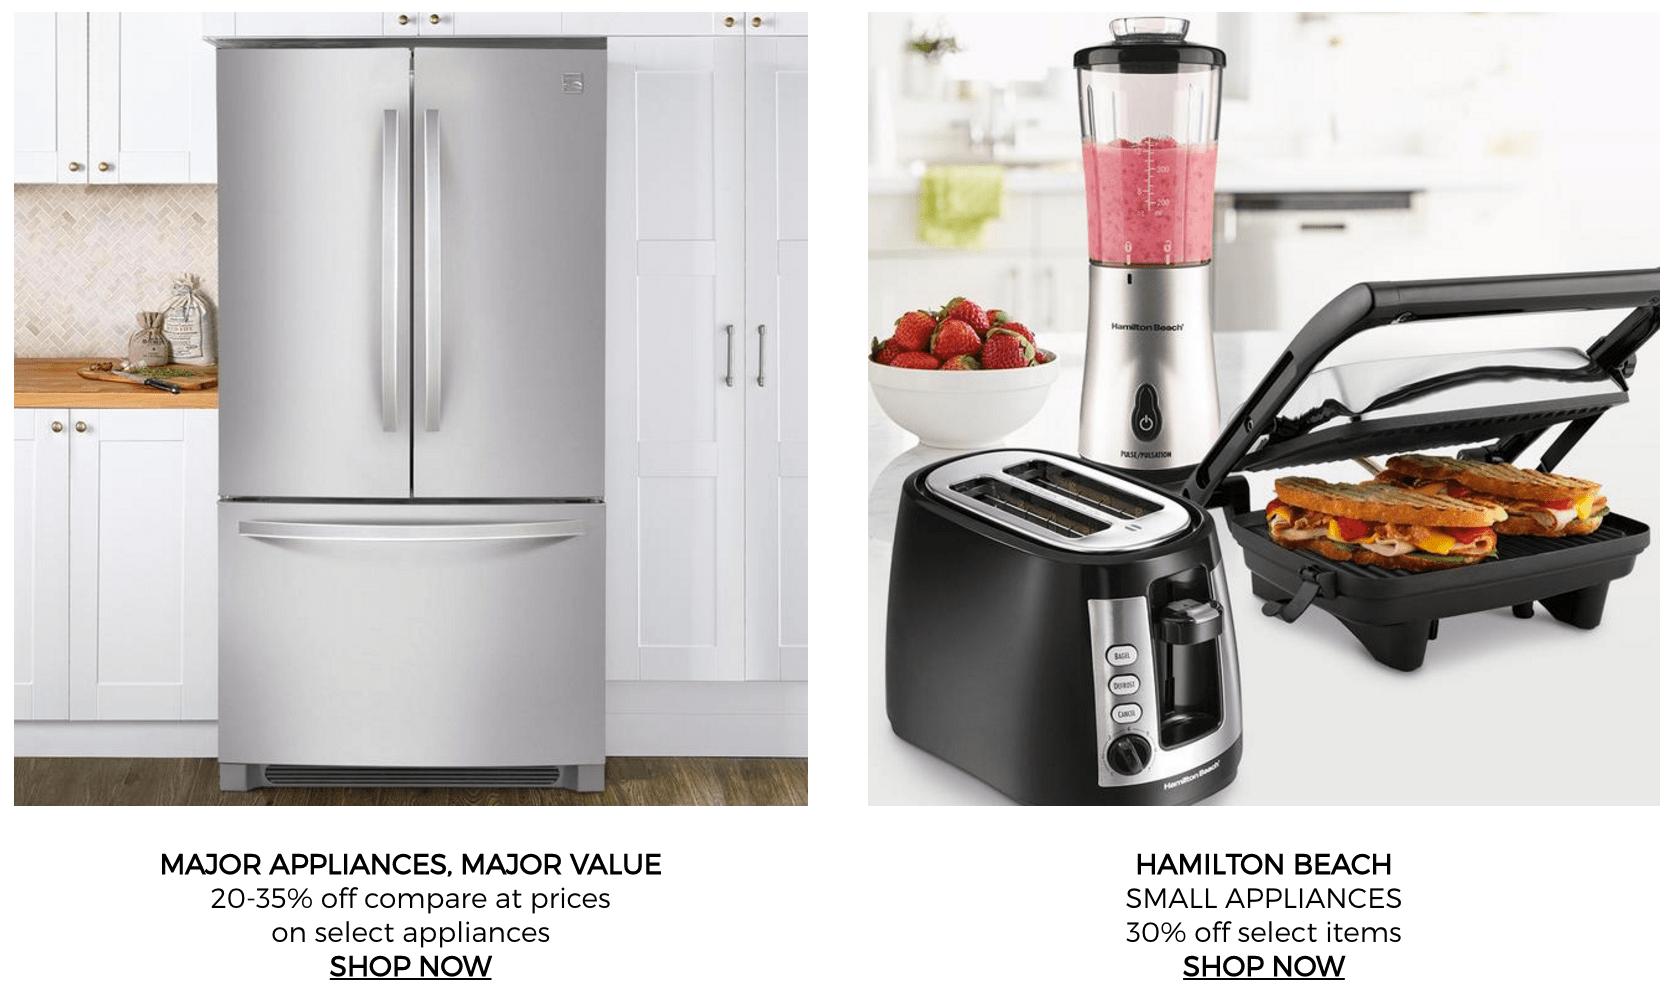 Appliances major small kitchen